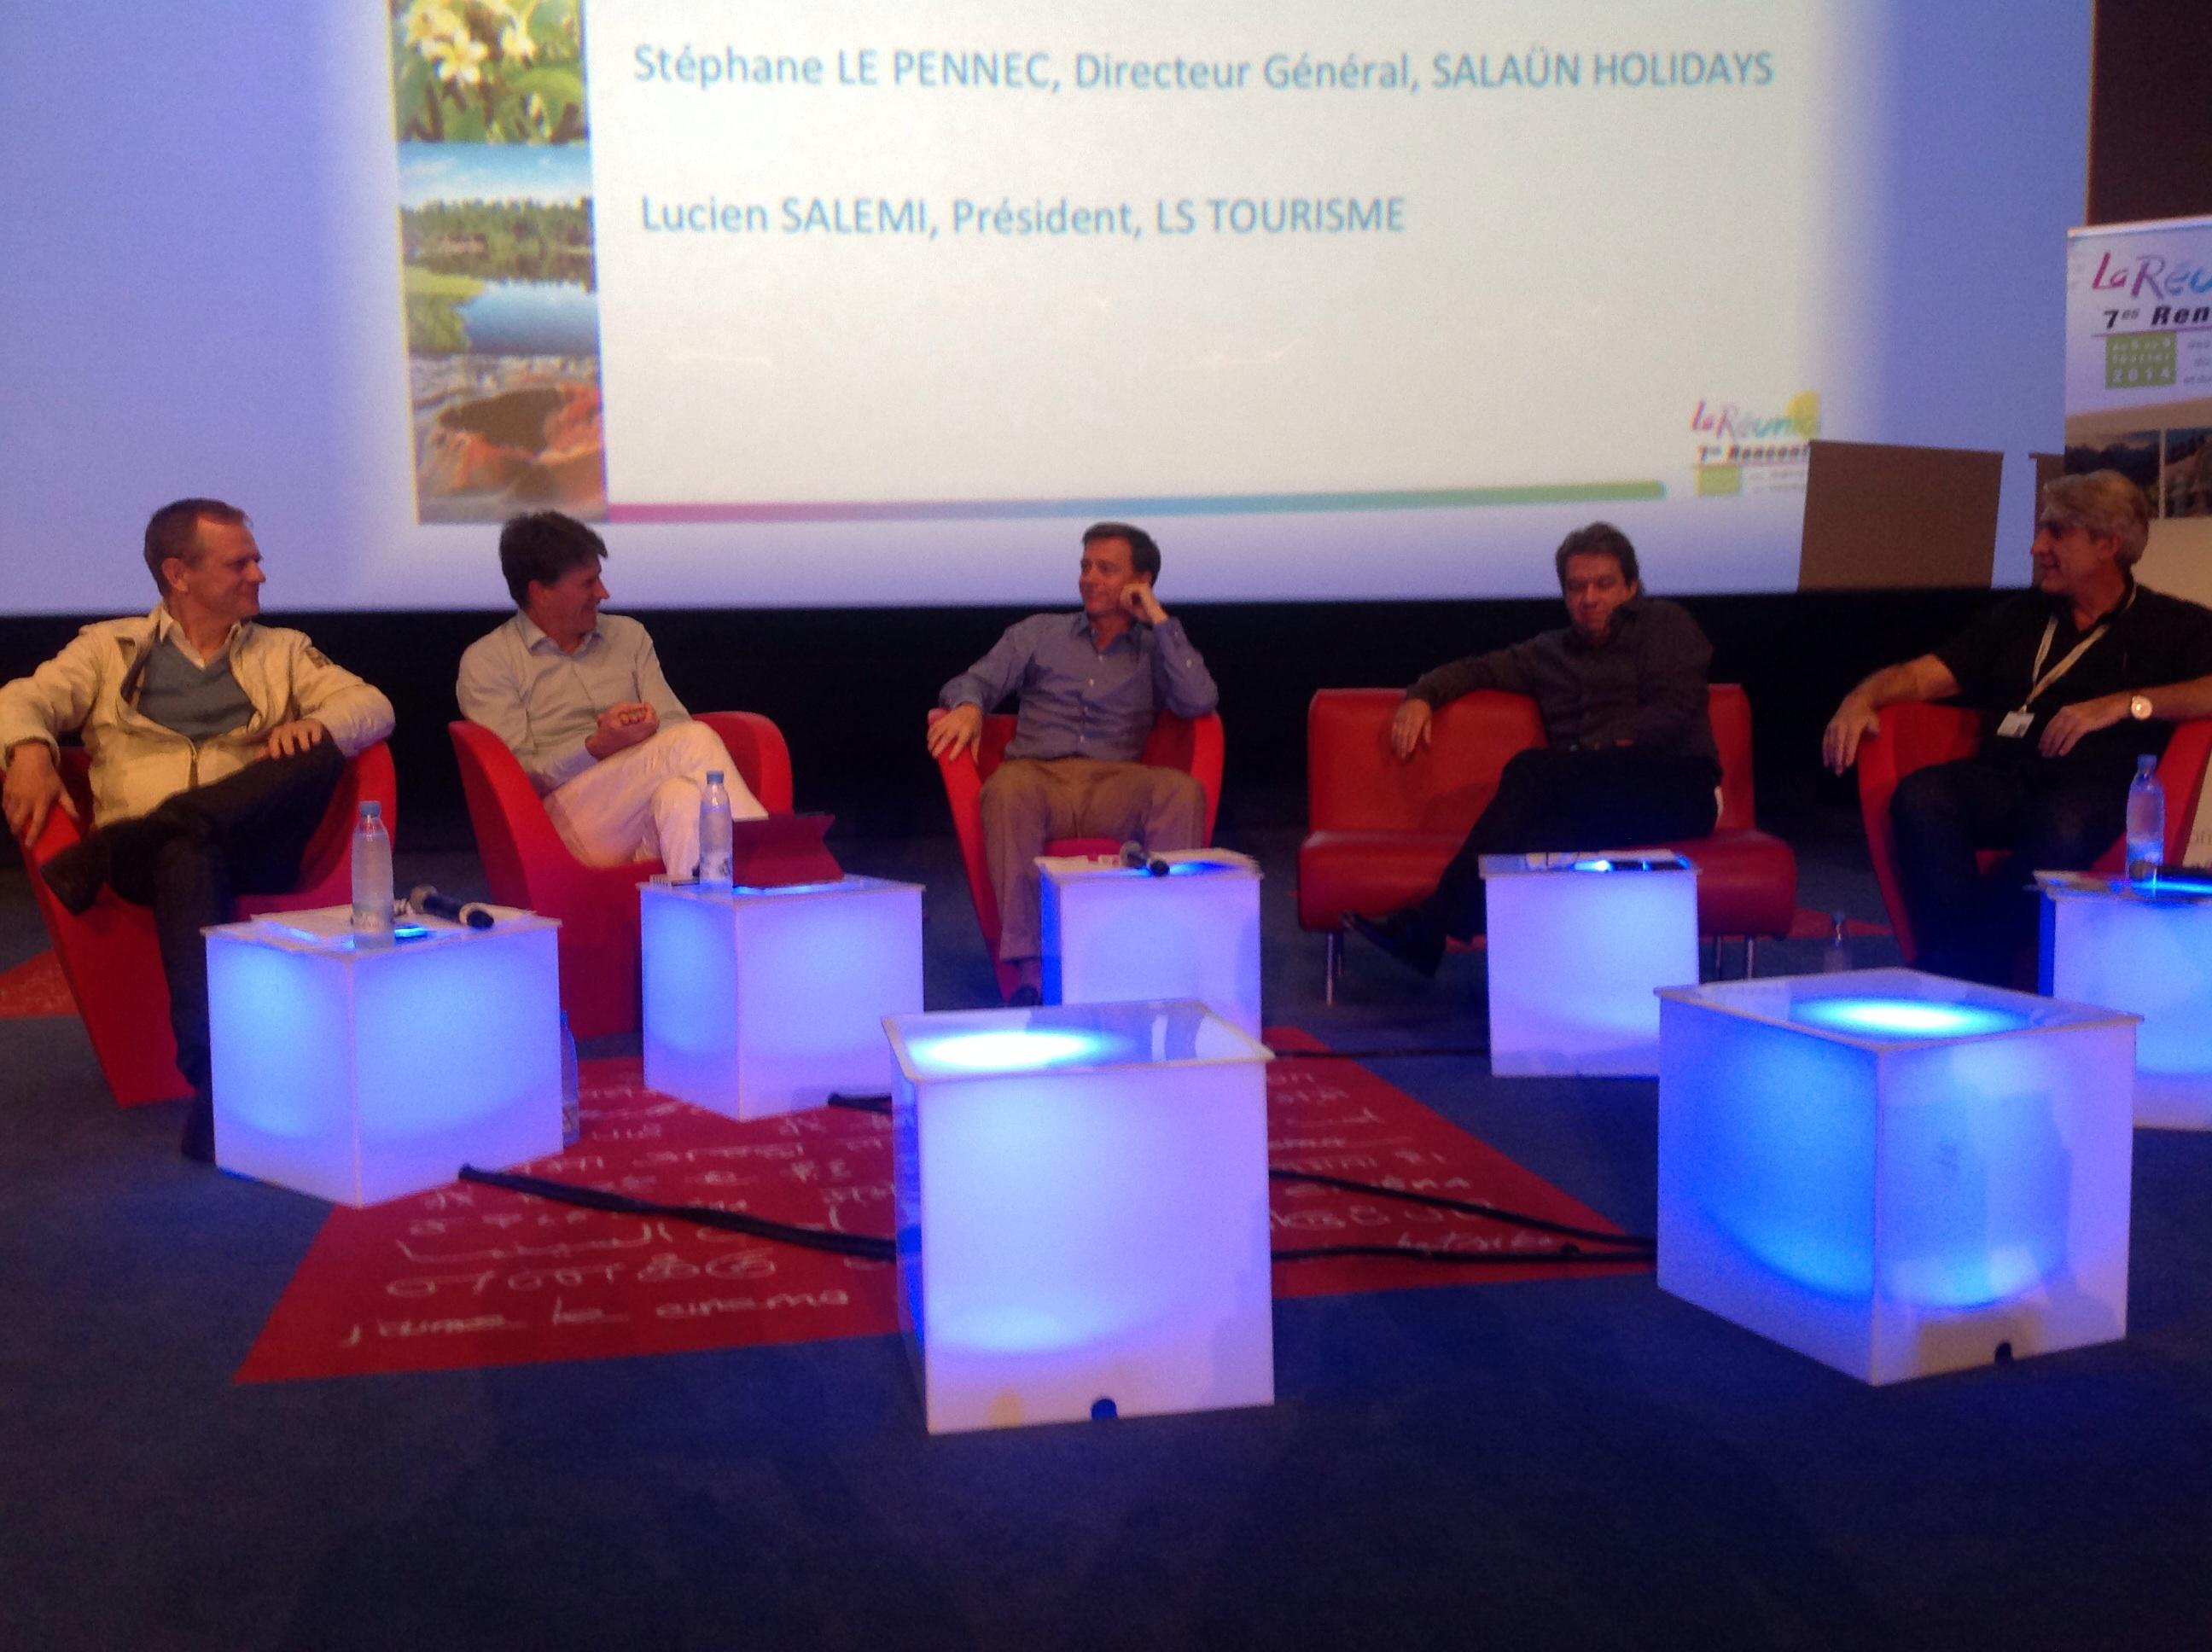 Live SNAV Réunion : Internet, indissociable de l'idée de voyage pour les Français